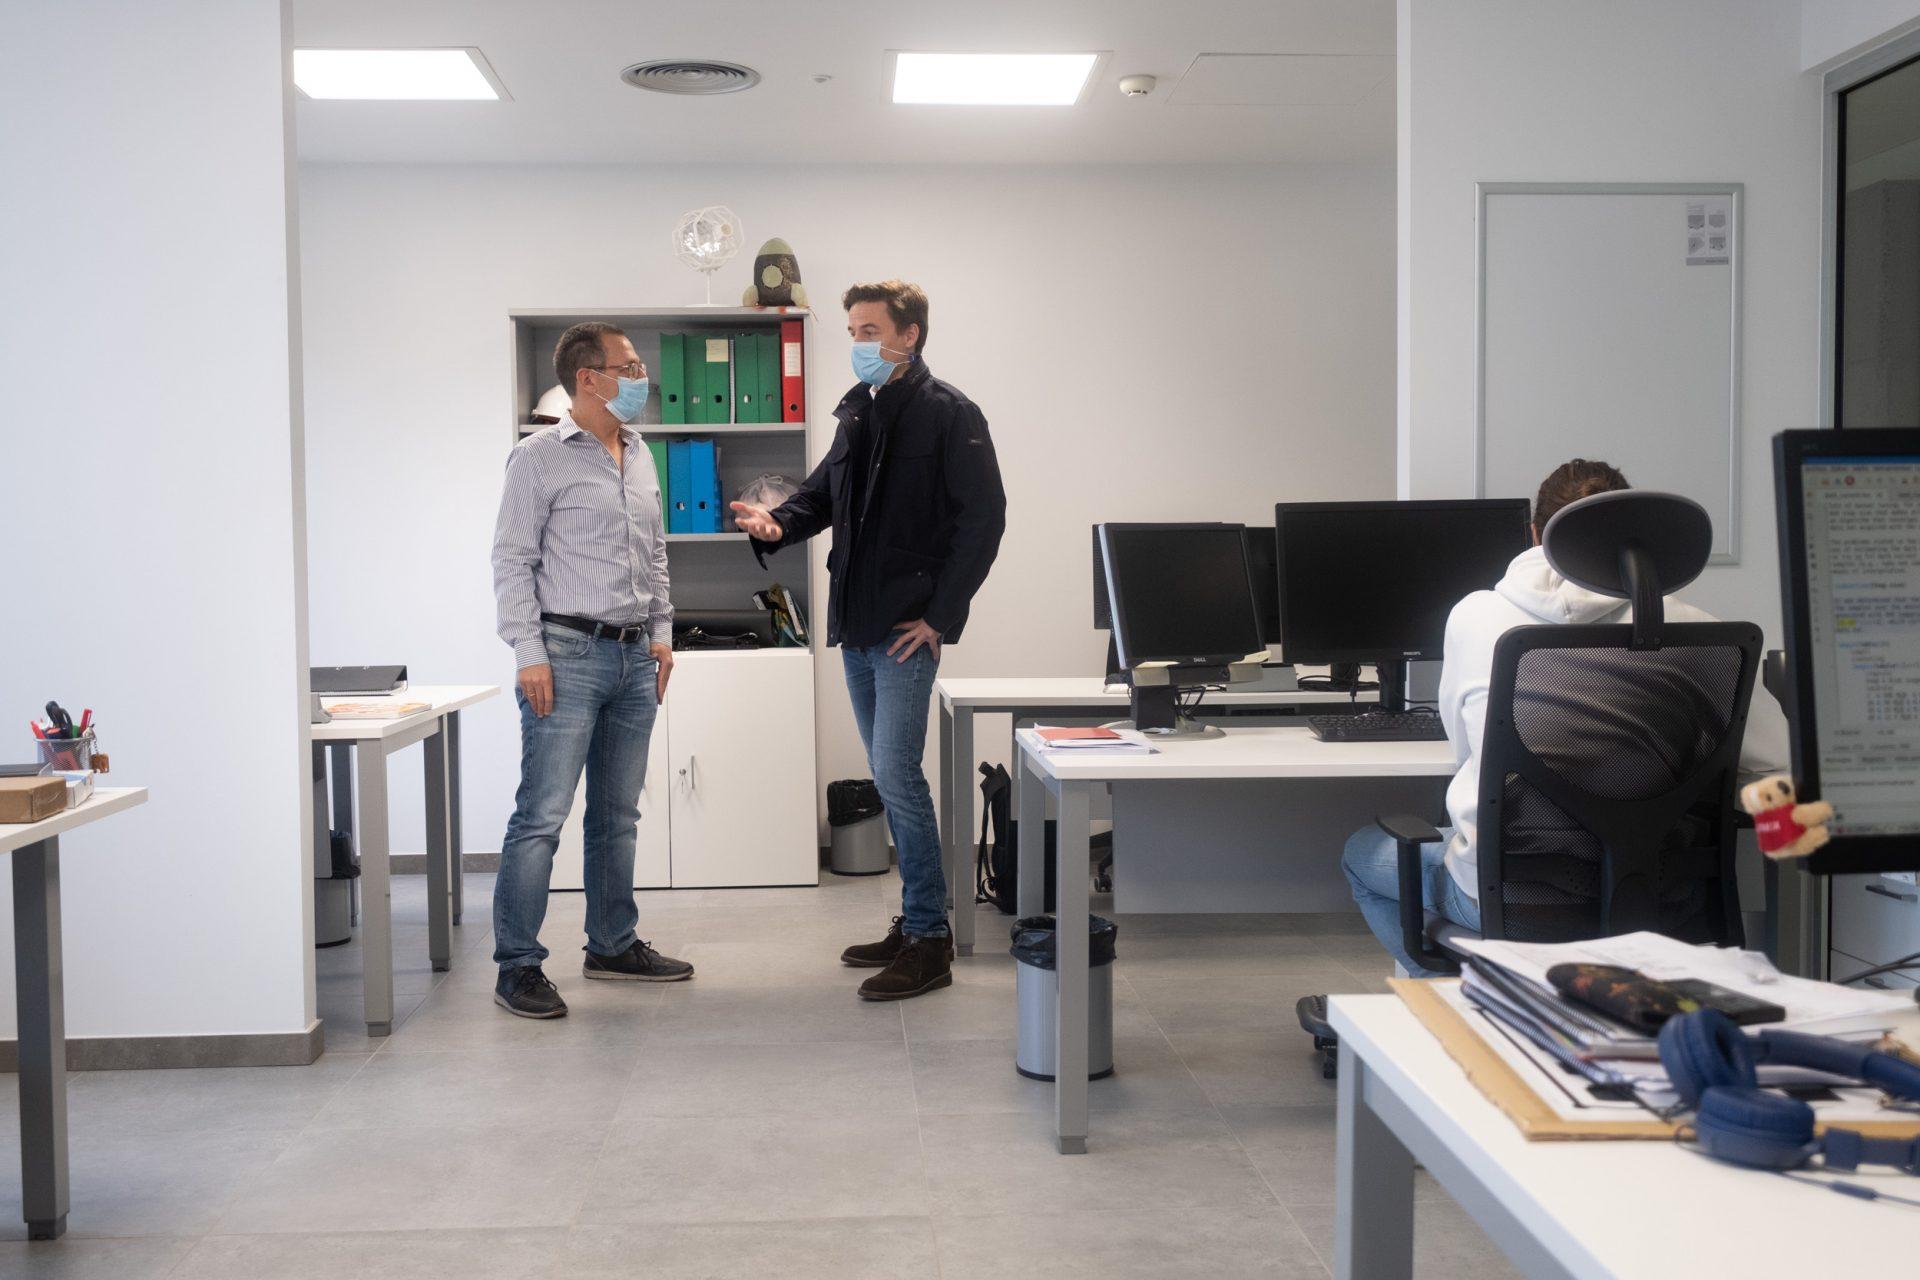 Álex Oscoz, investigador principal, y José Alonso, gestor del proyecto. FRAN PALLERO